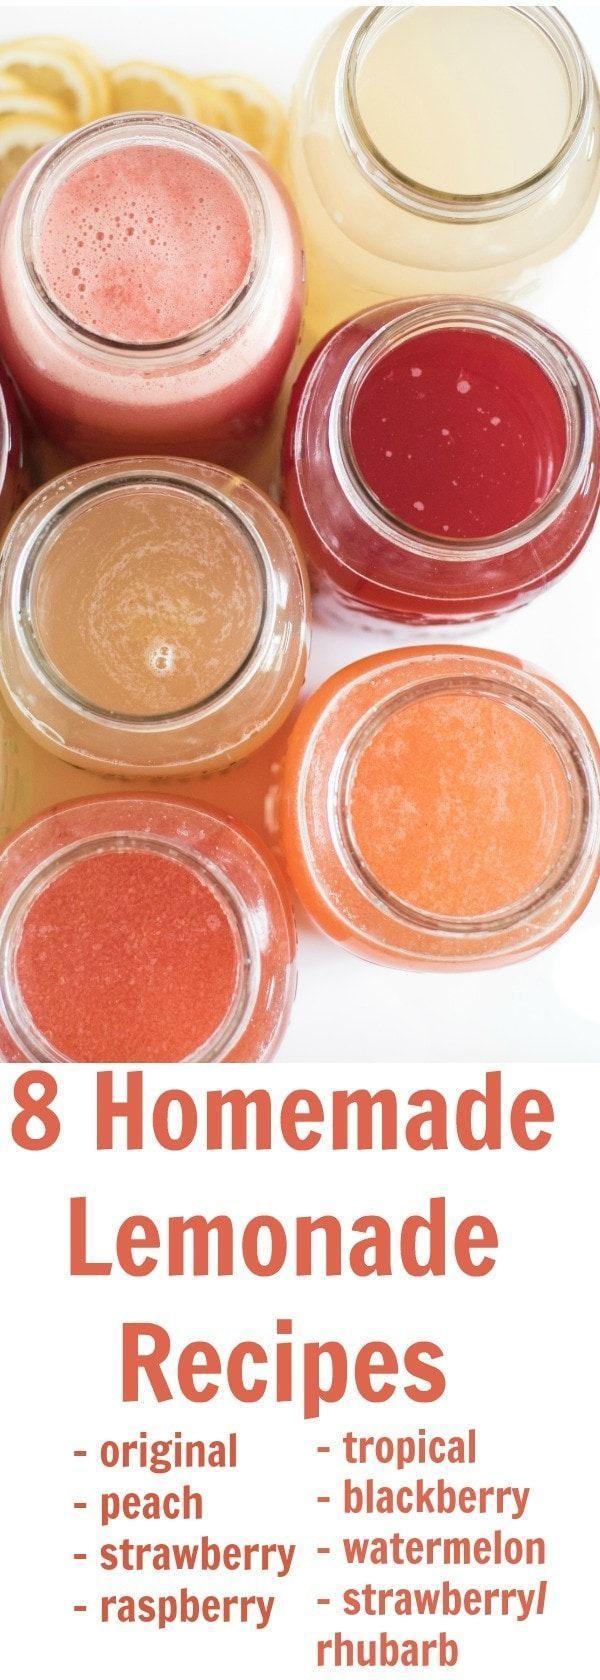 8 Different Homemade Lemonade Recipes | Easy Fresh Fruit Lemonades